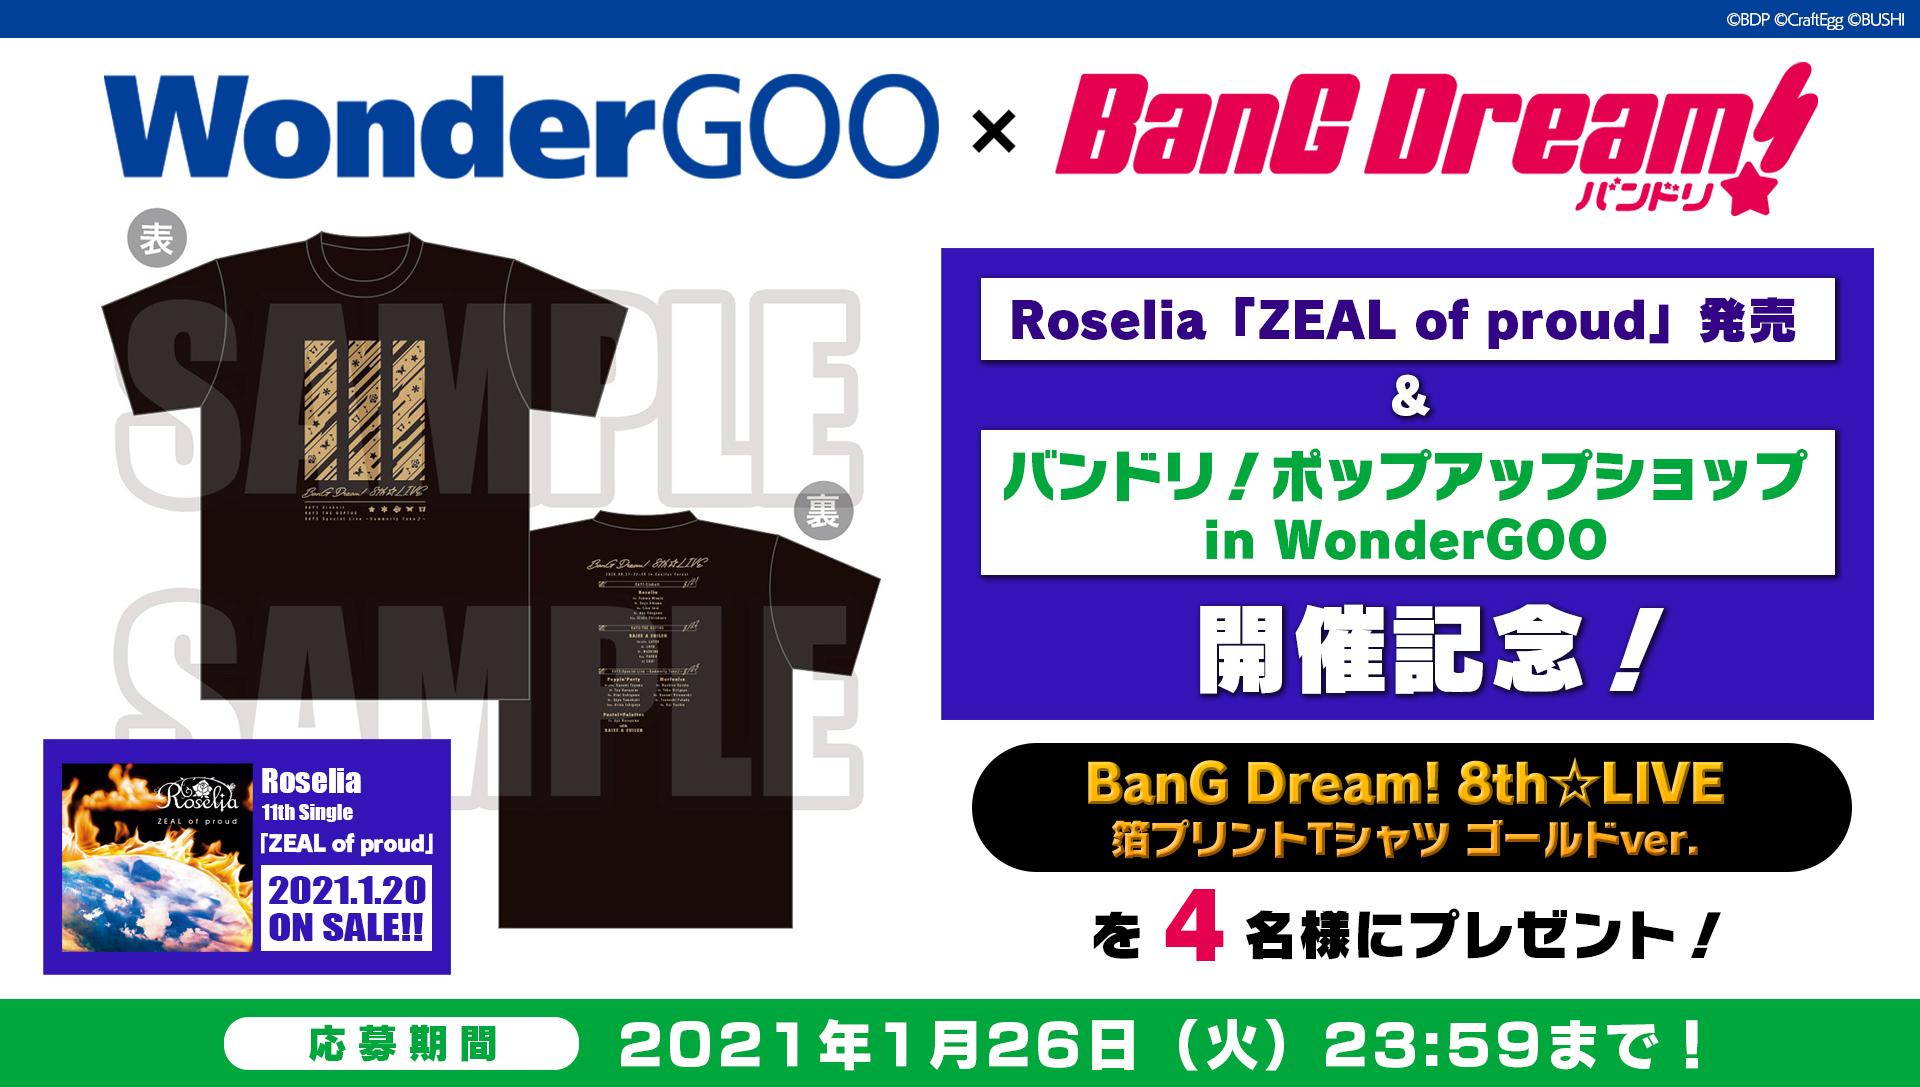 バンドリ!シングル4タイトル発売&バンドリ!ポップアップショップ in WonderGOO開催記念!Wフォロー&RTキャンペーン!